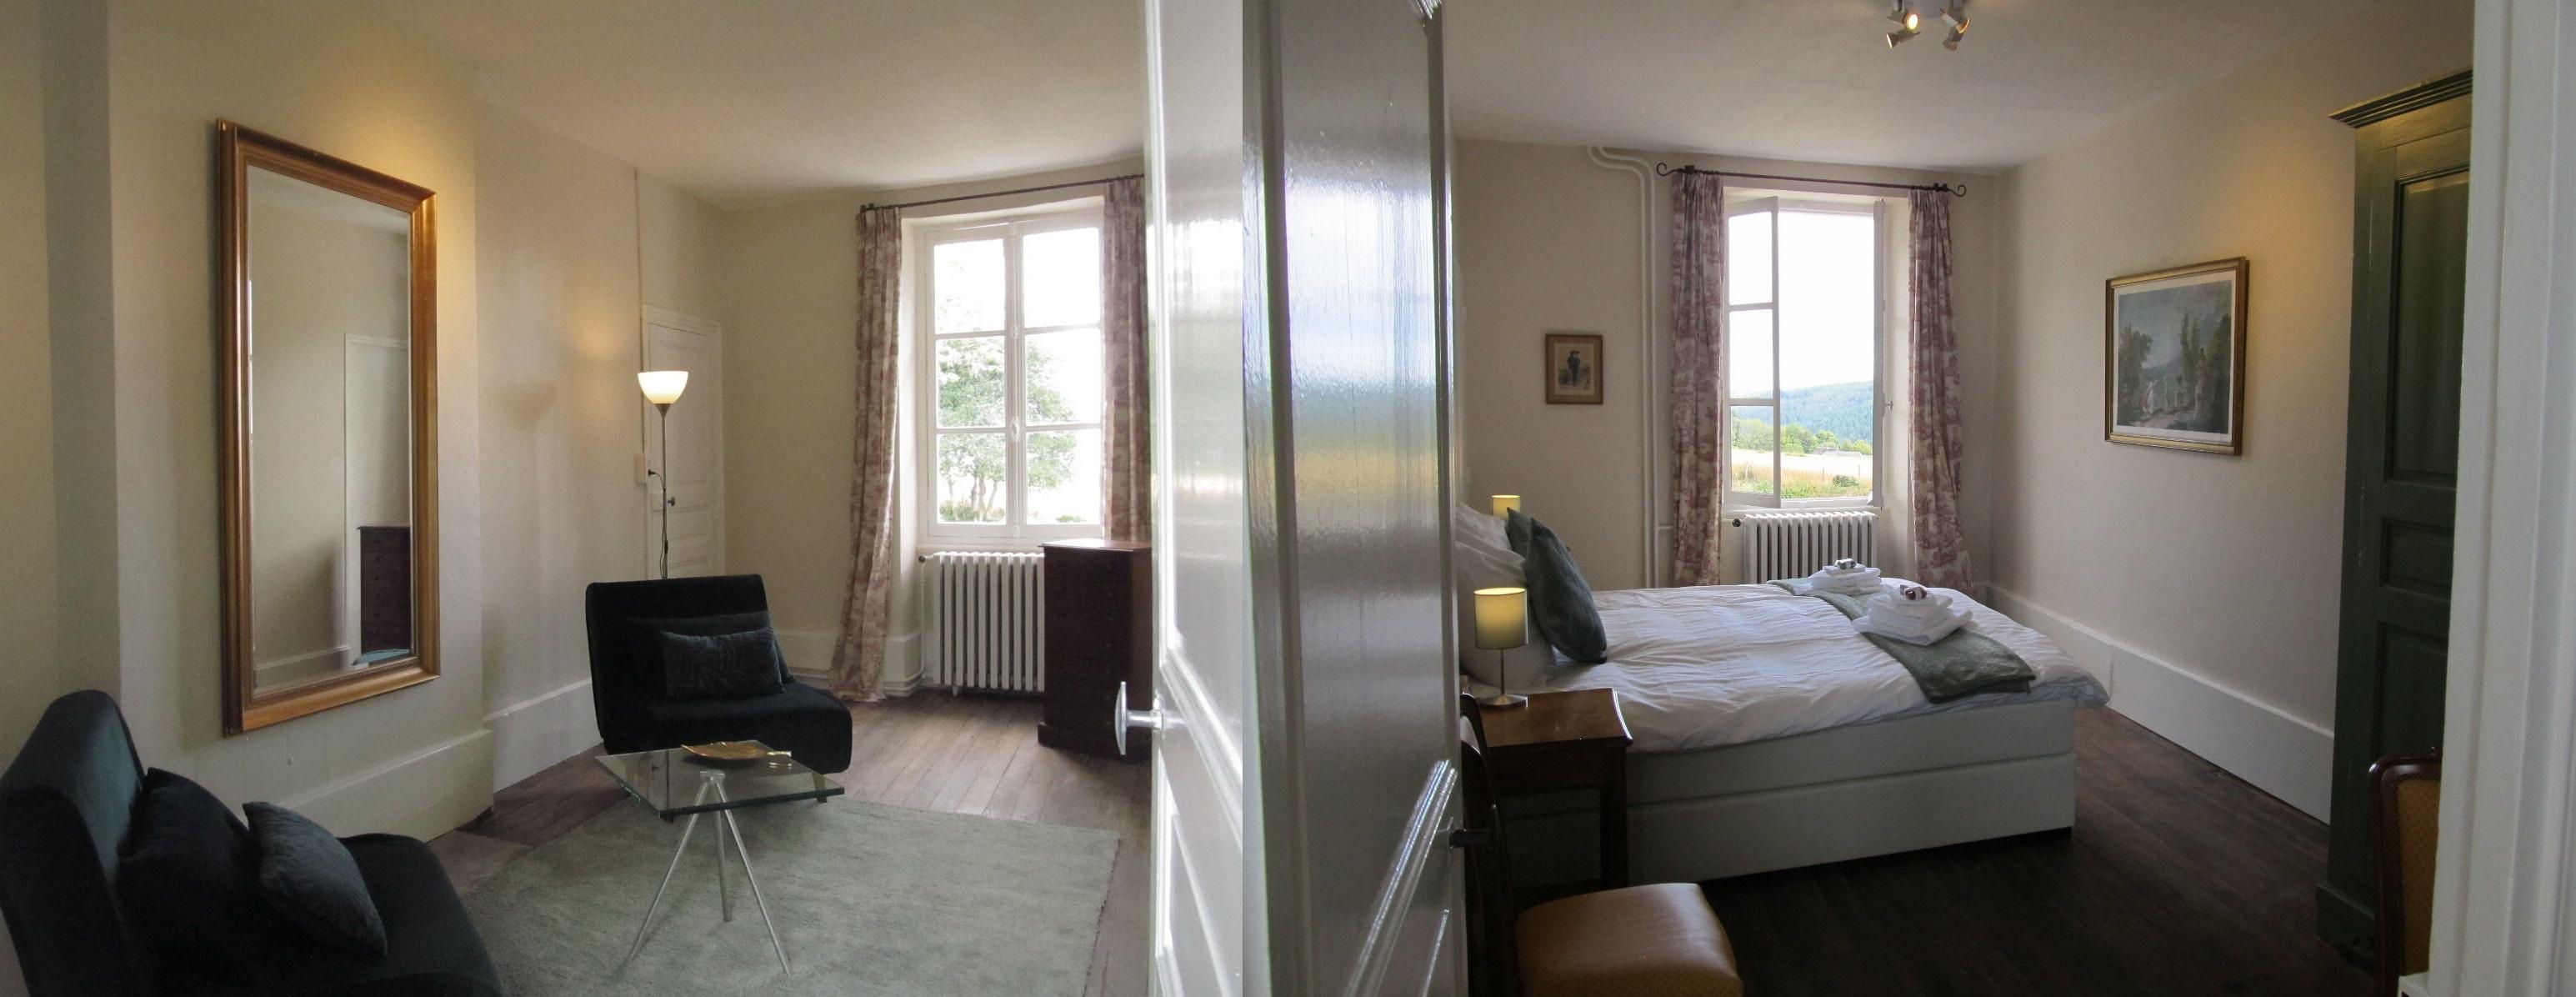 1 Suite 1 kamers 1a en 1b